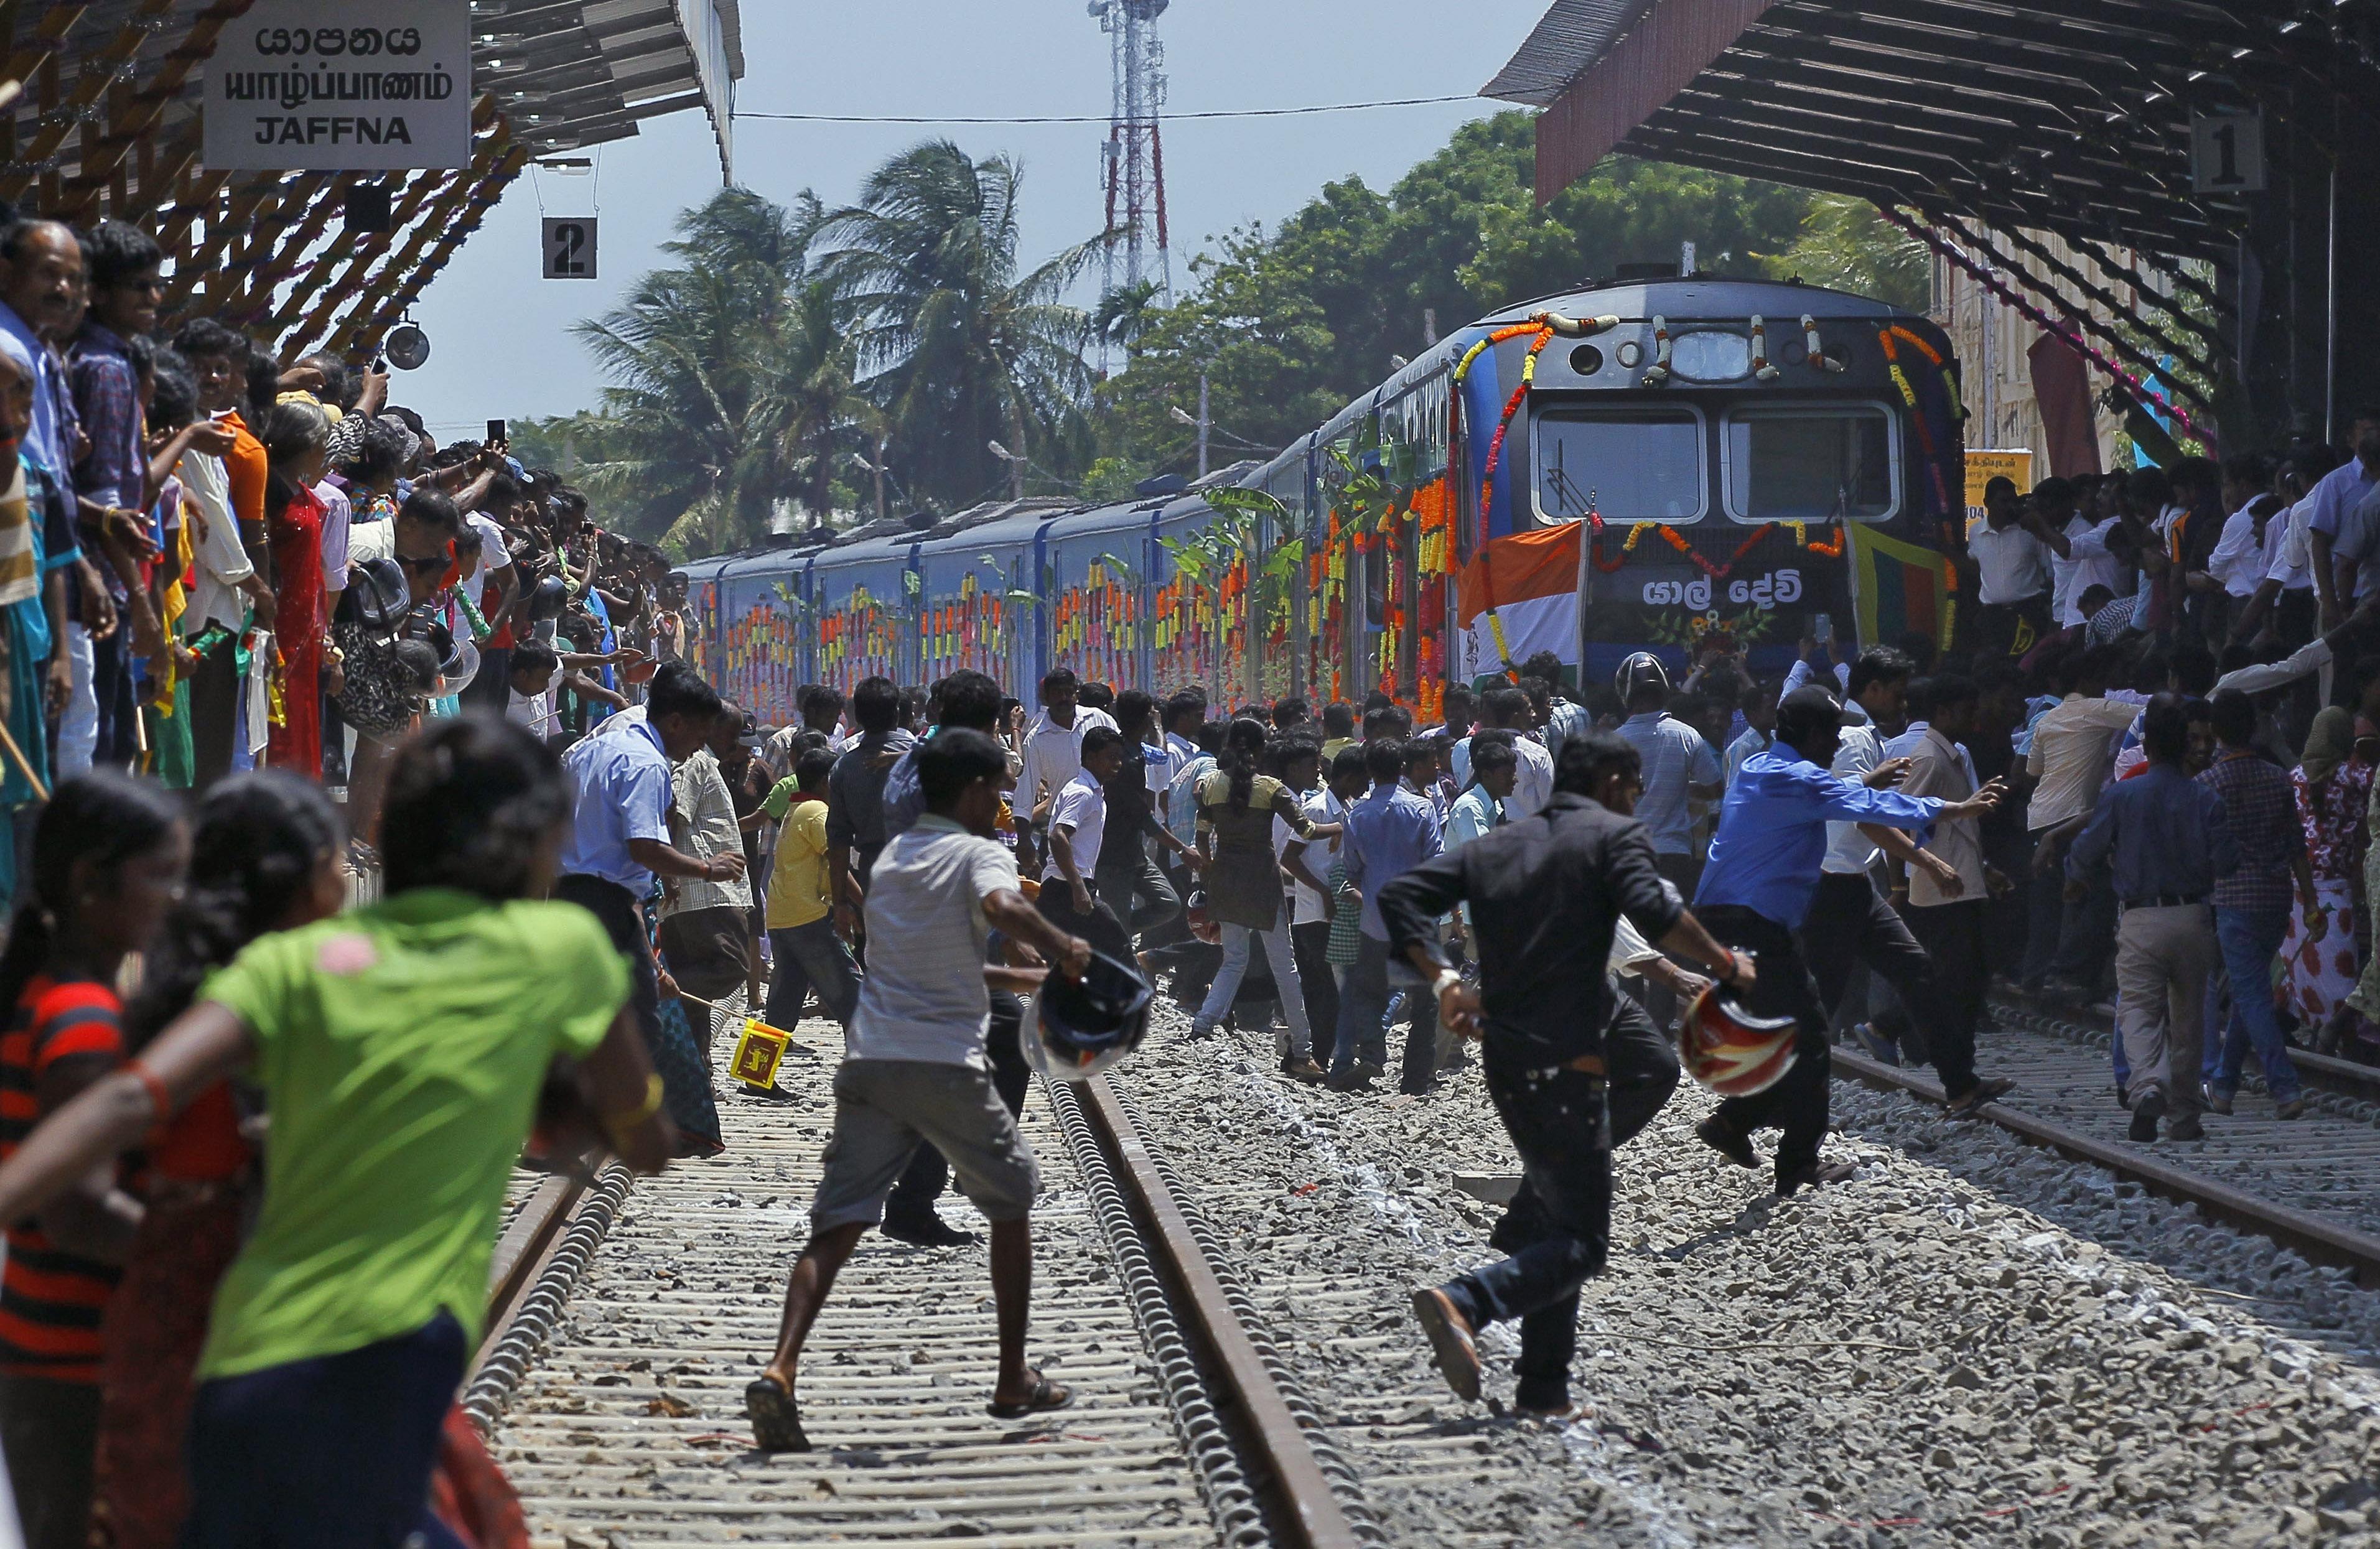 sri lanka news - photo #33